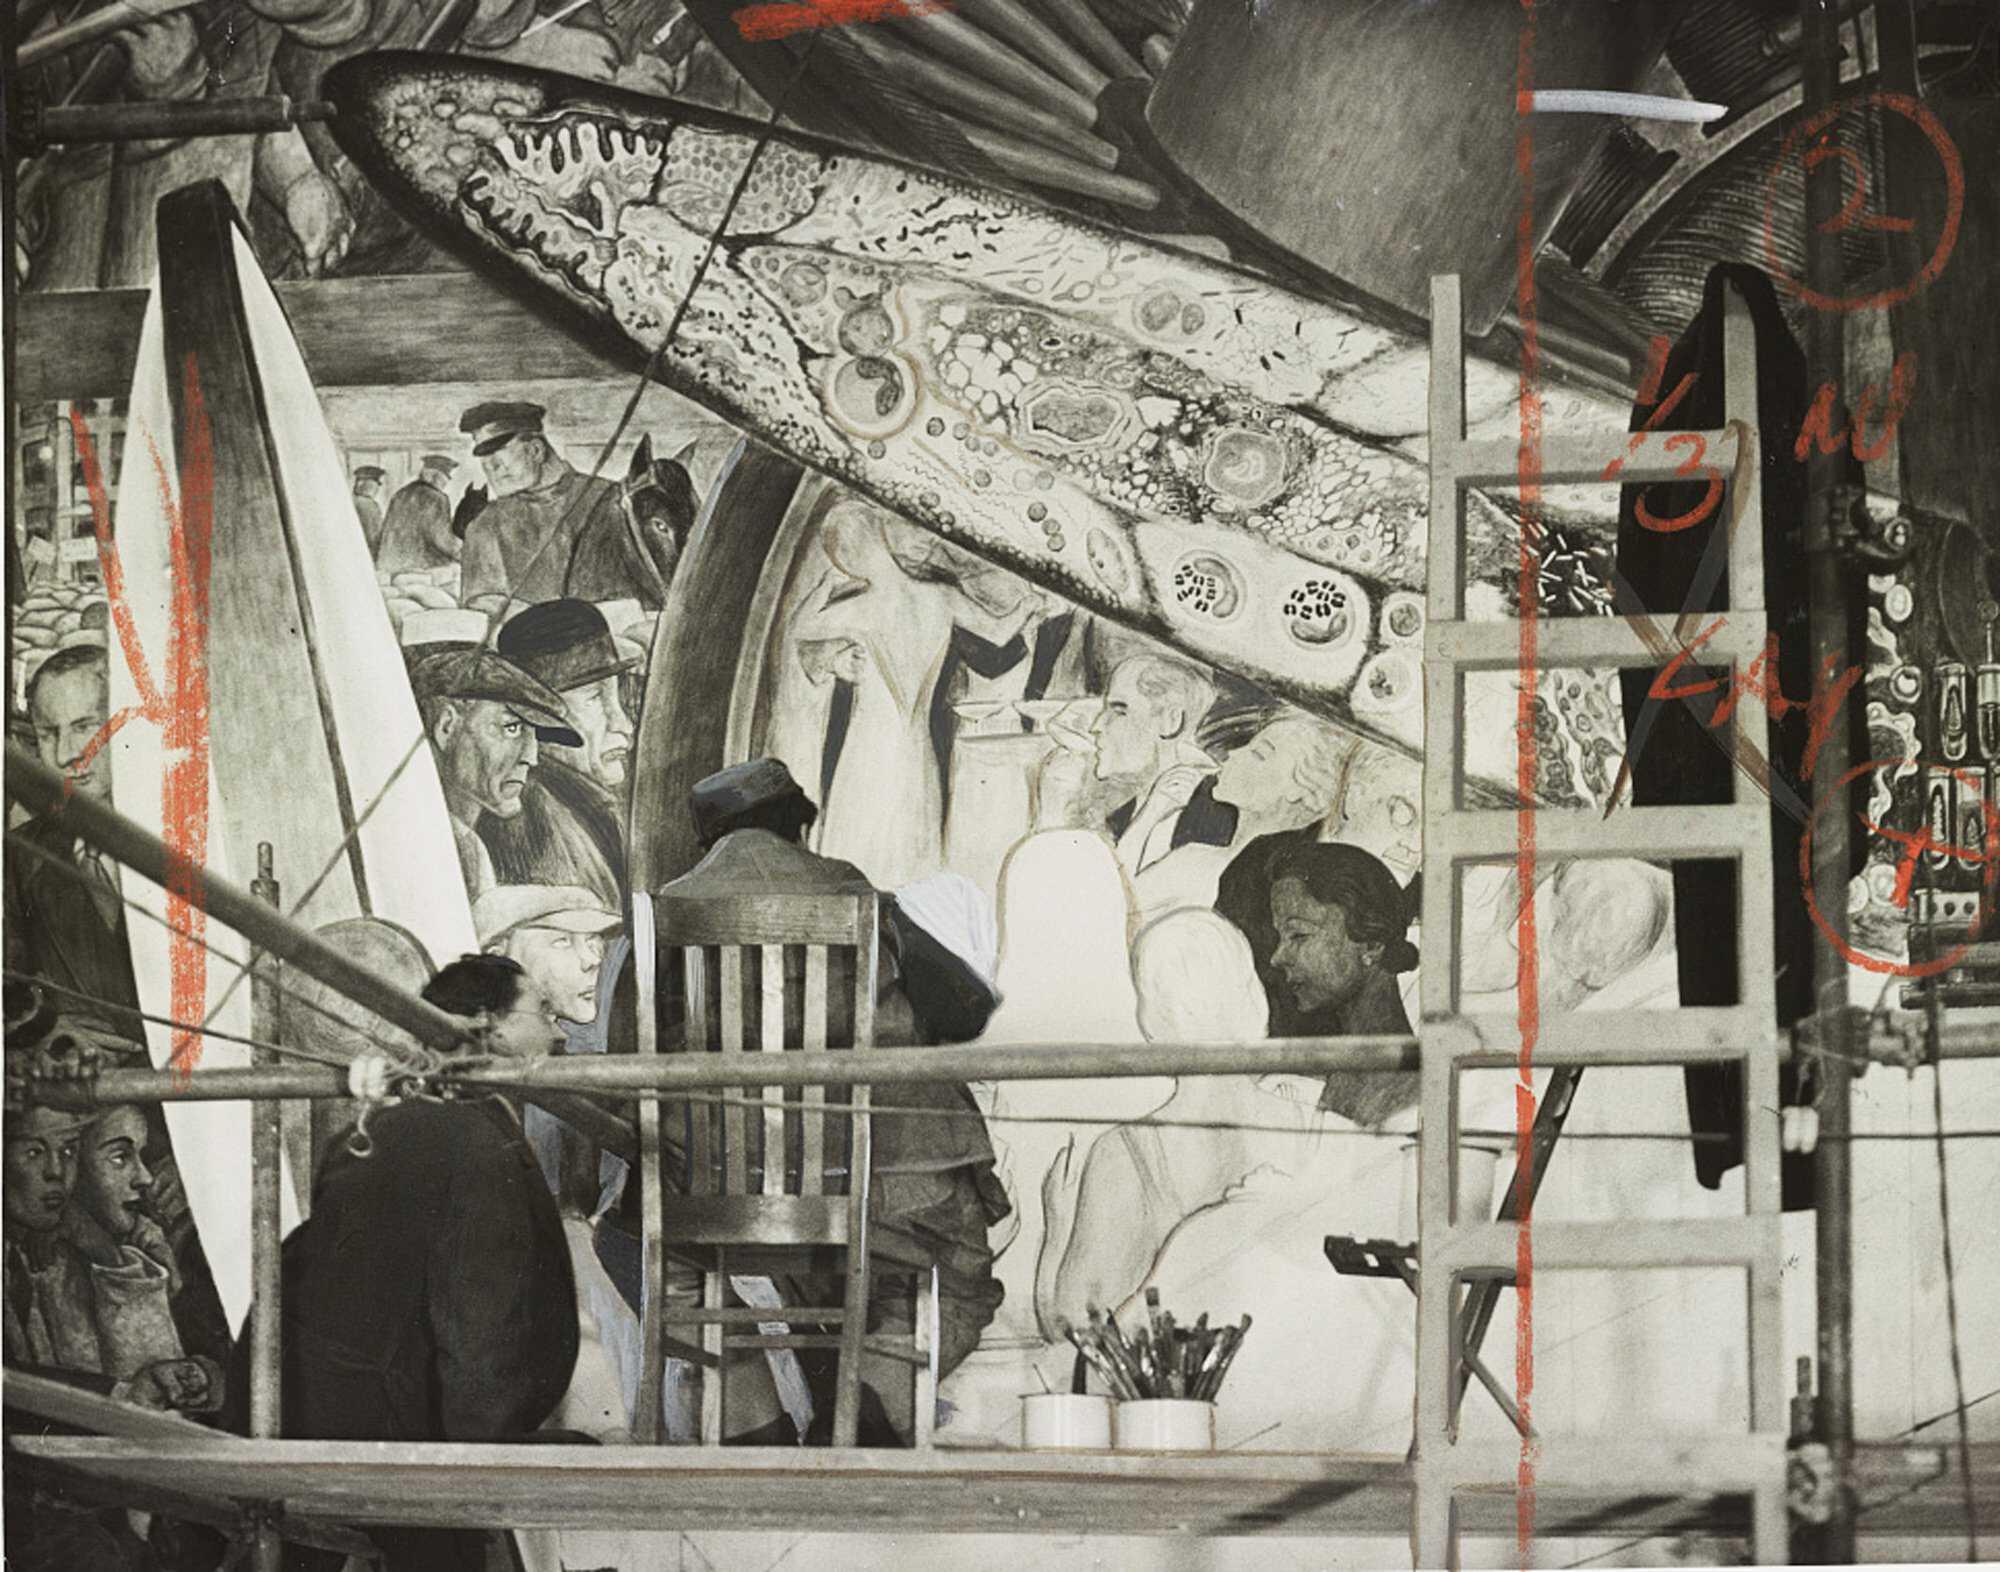 Rockefellers-Diego-Crossroads-1933-LOC.jpg